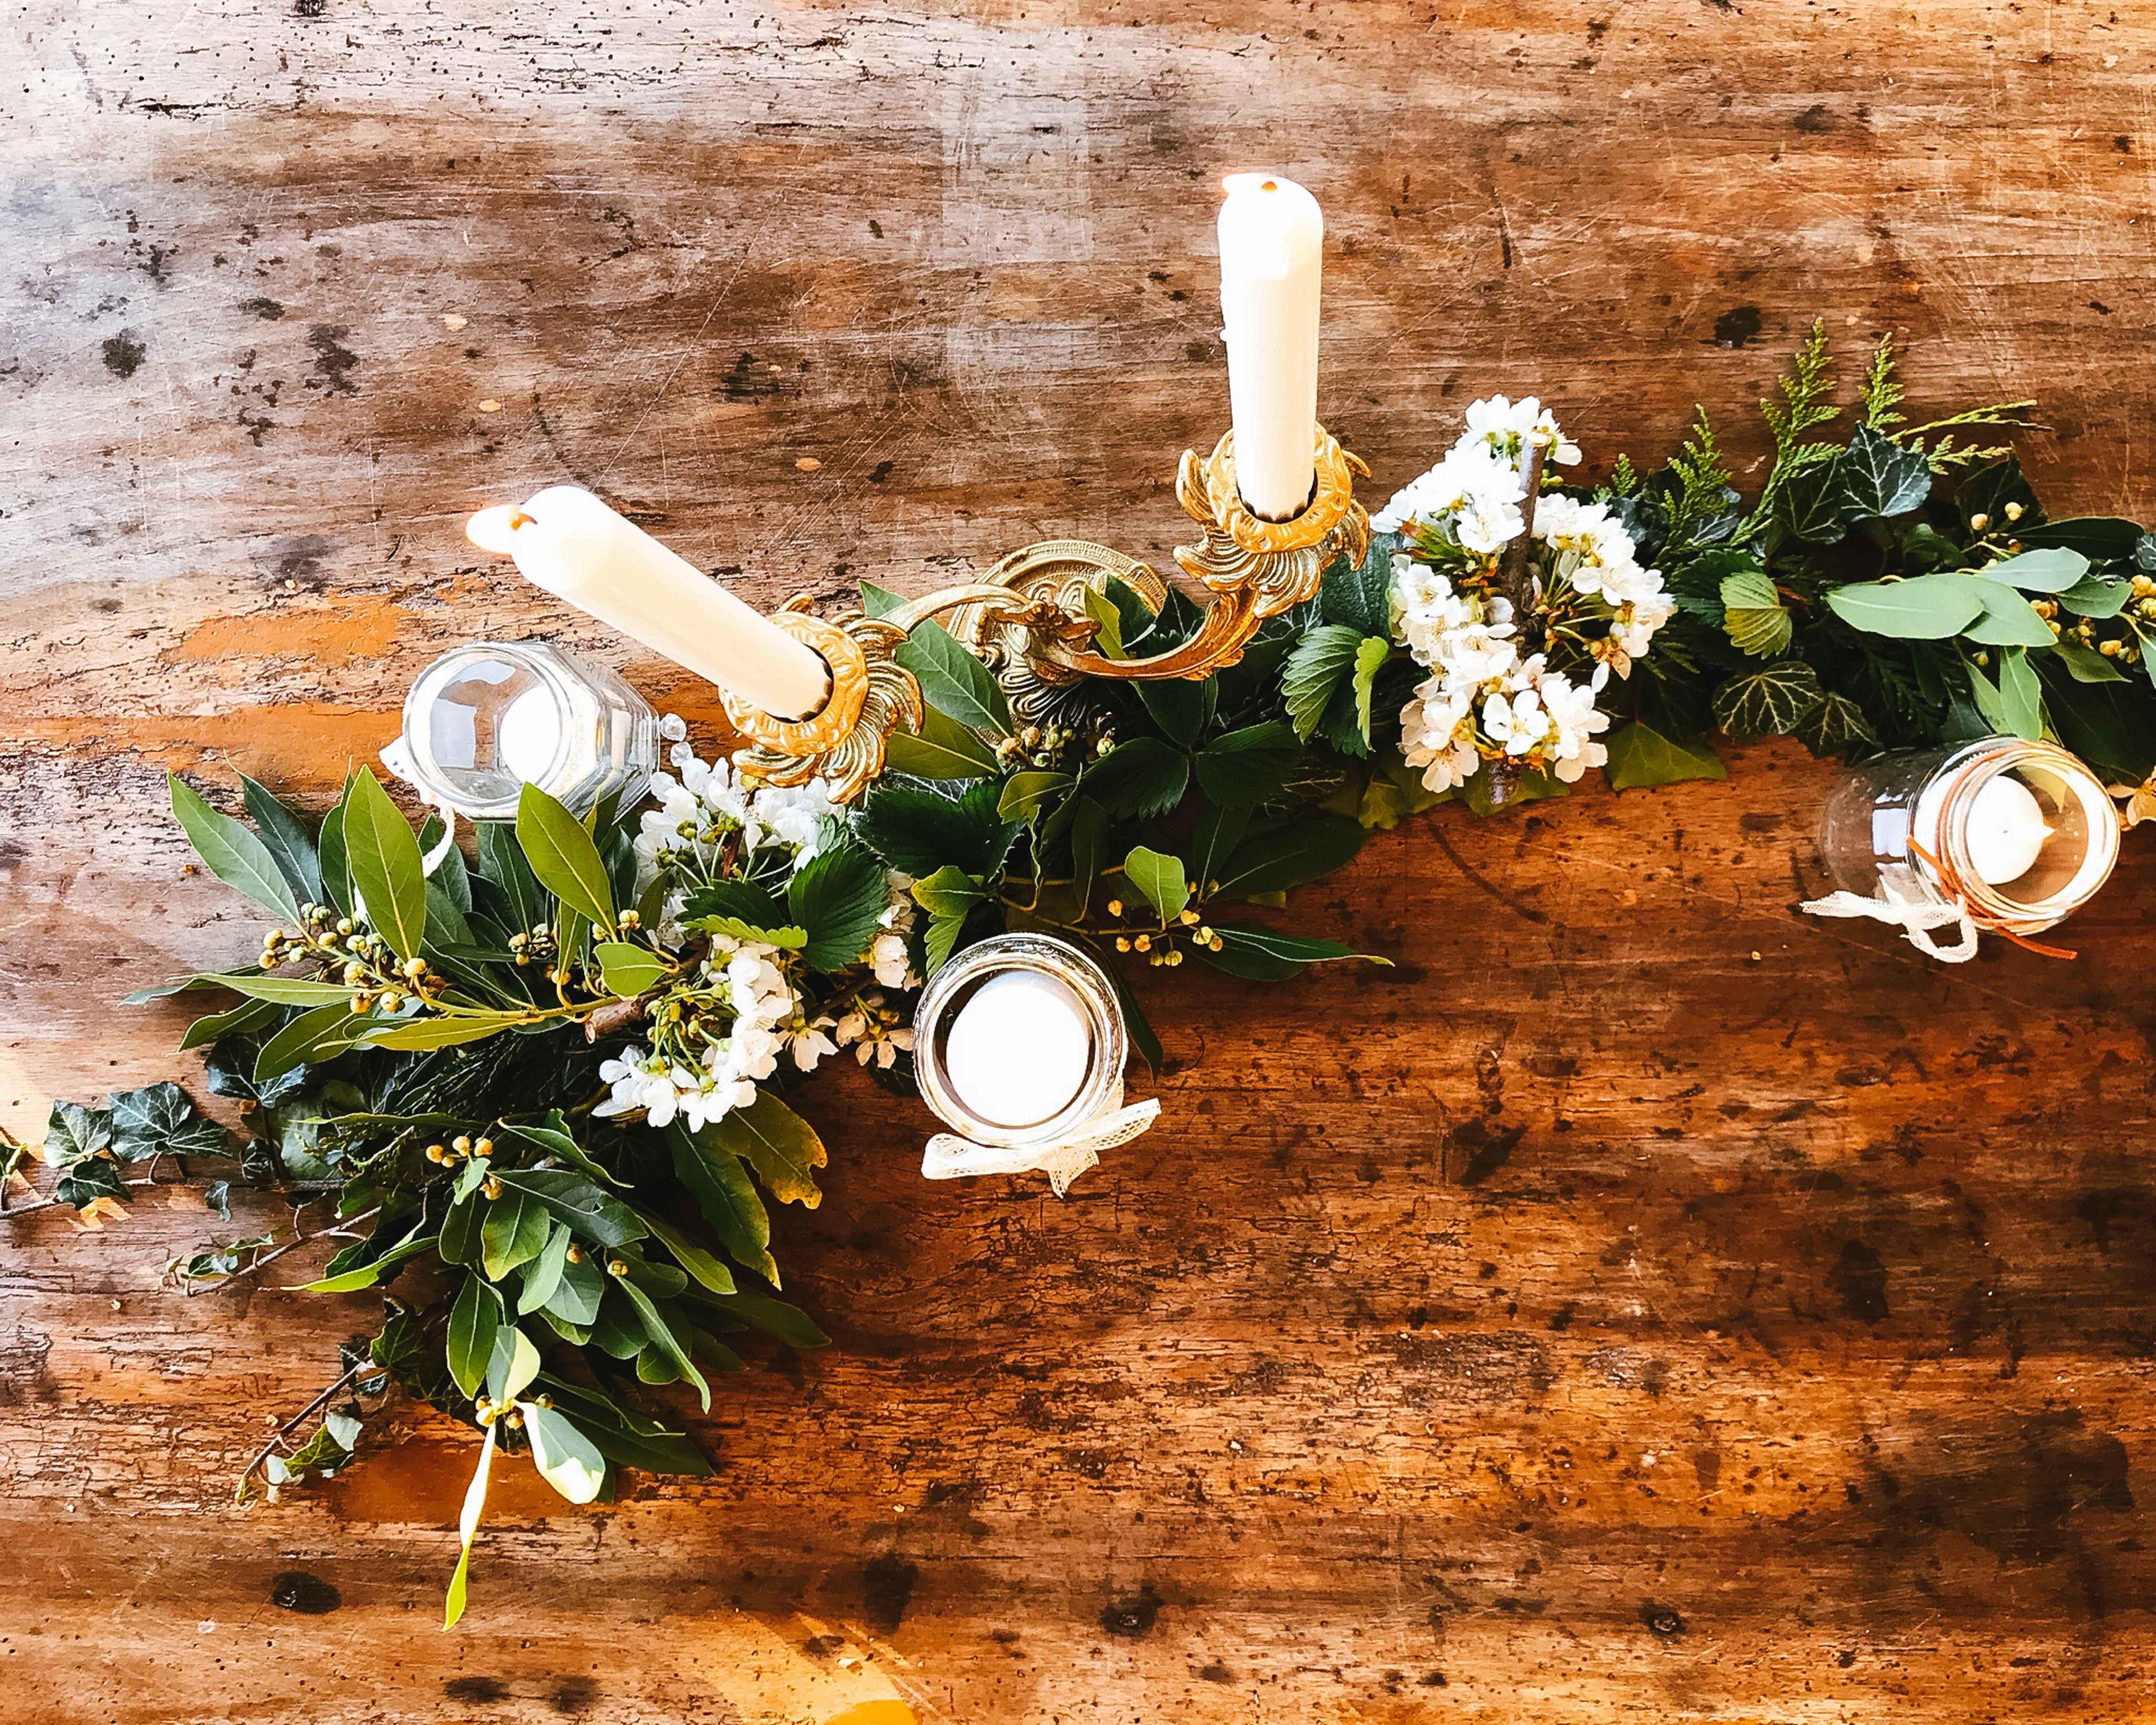 décoration florale mariage vintage chemin de table